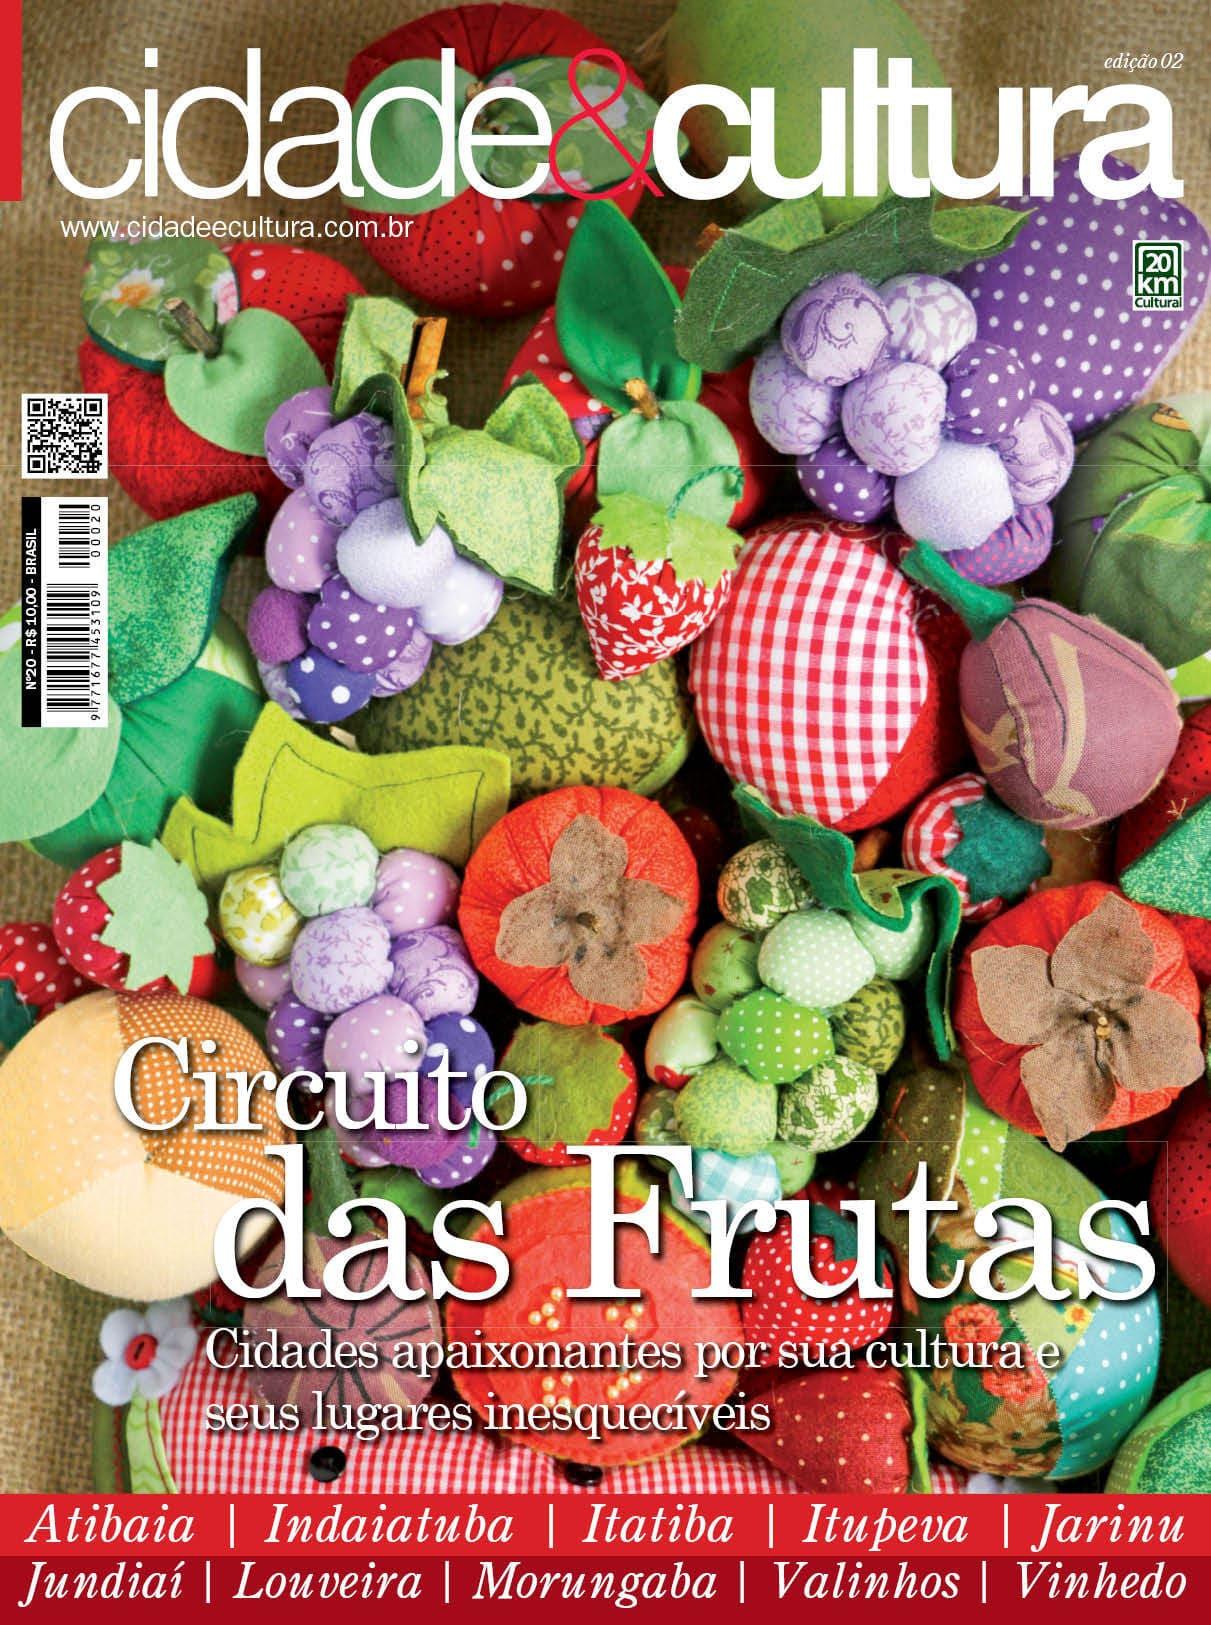 Circuito das Frutas ed.2